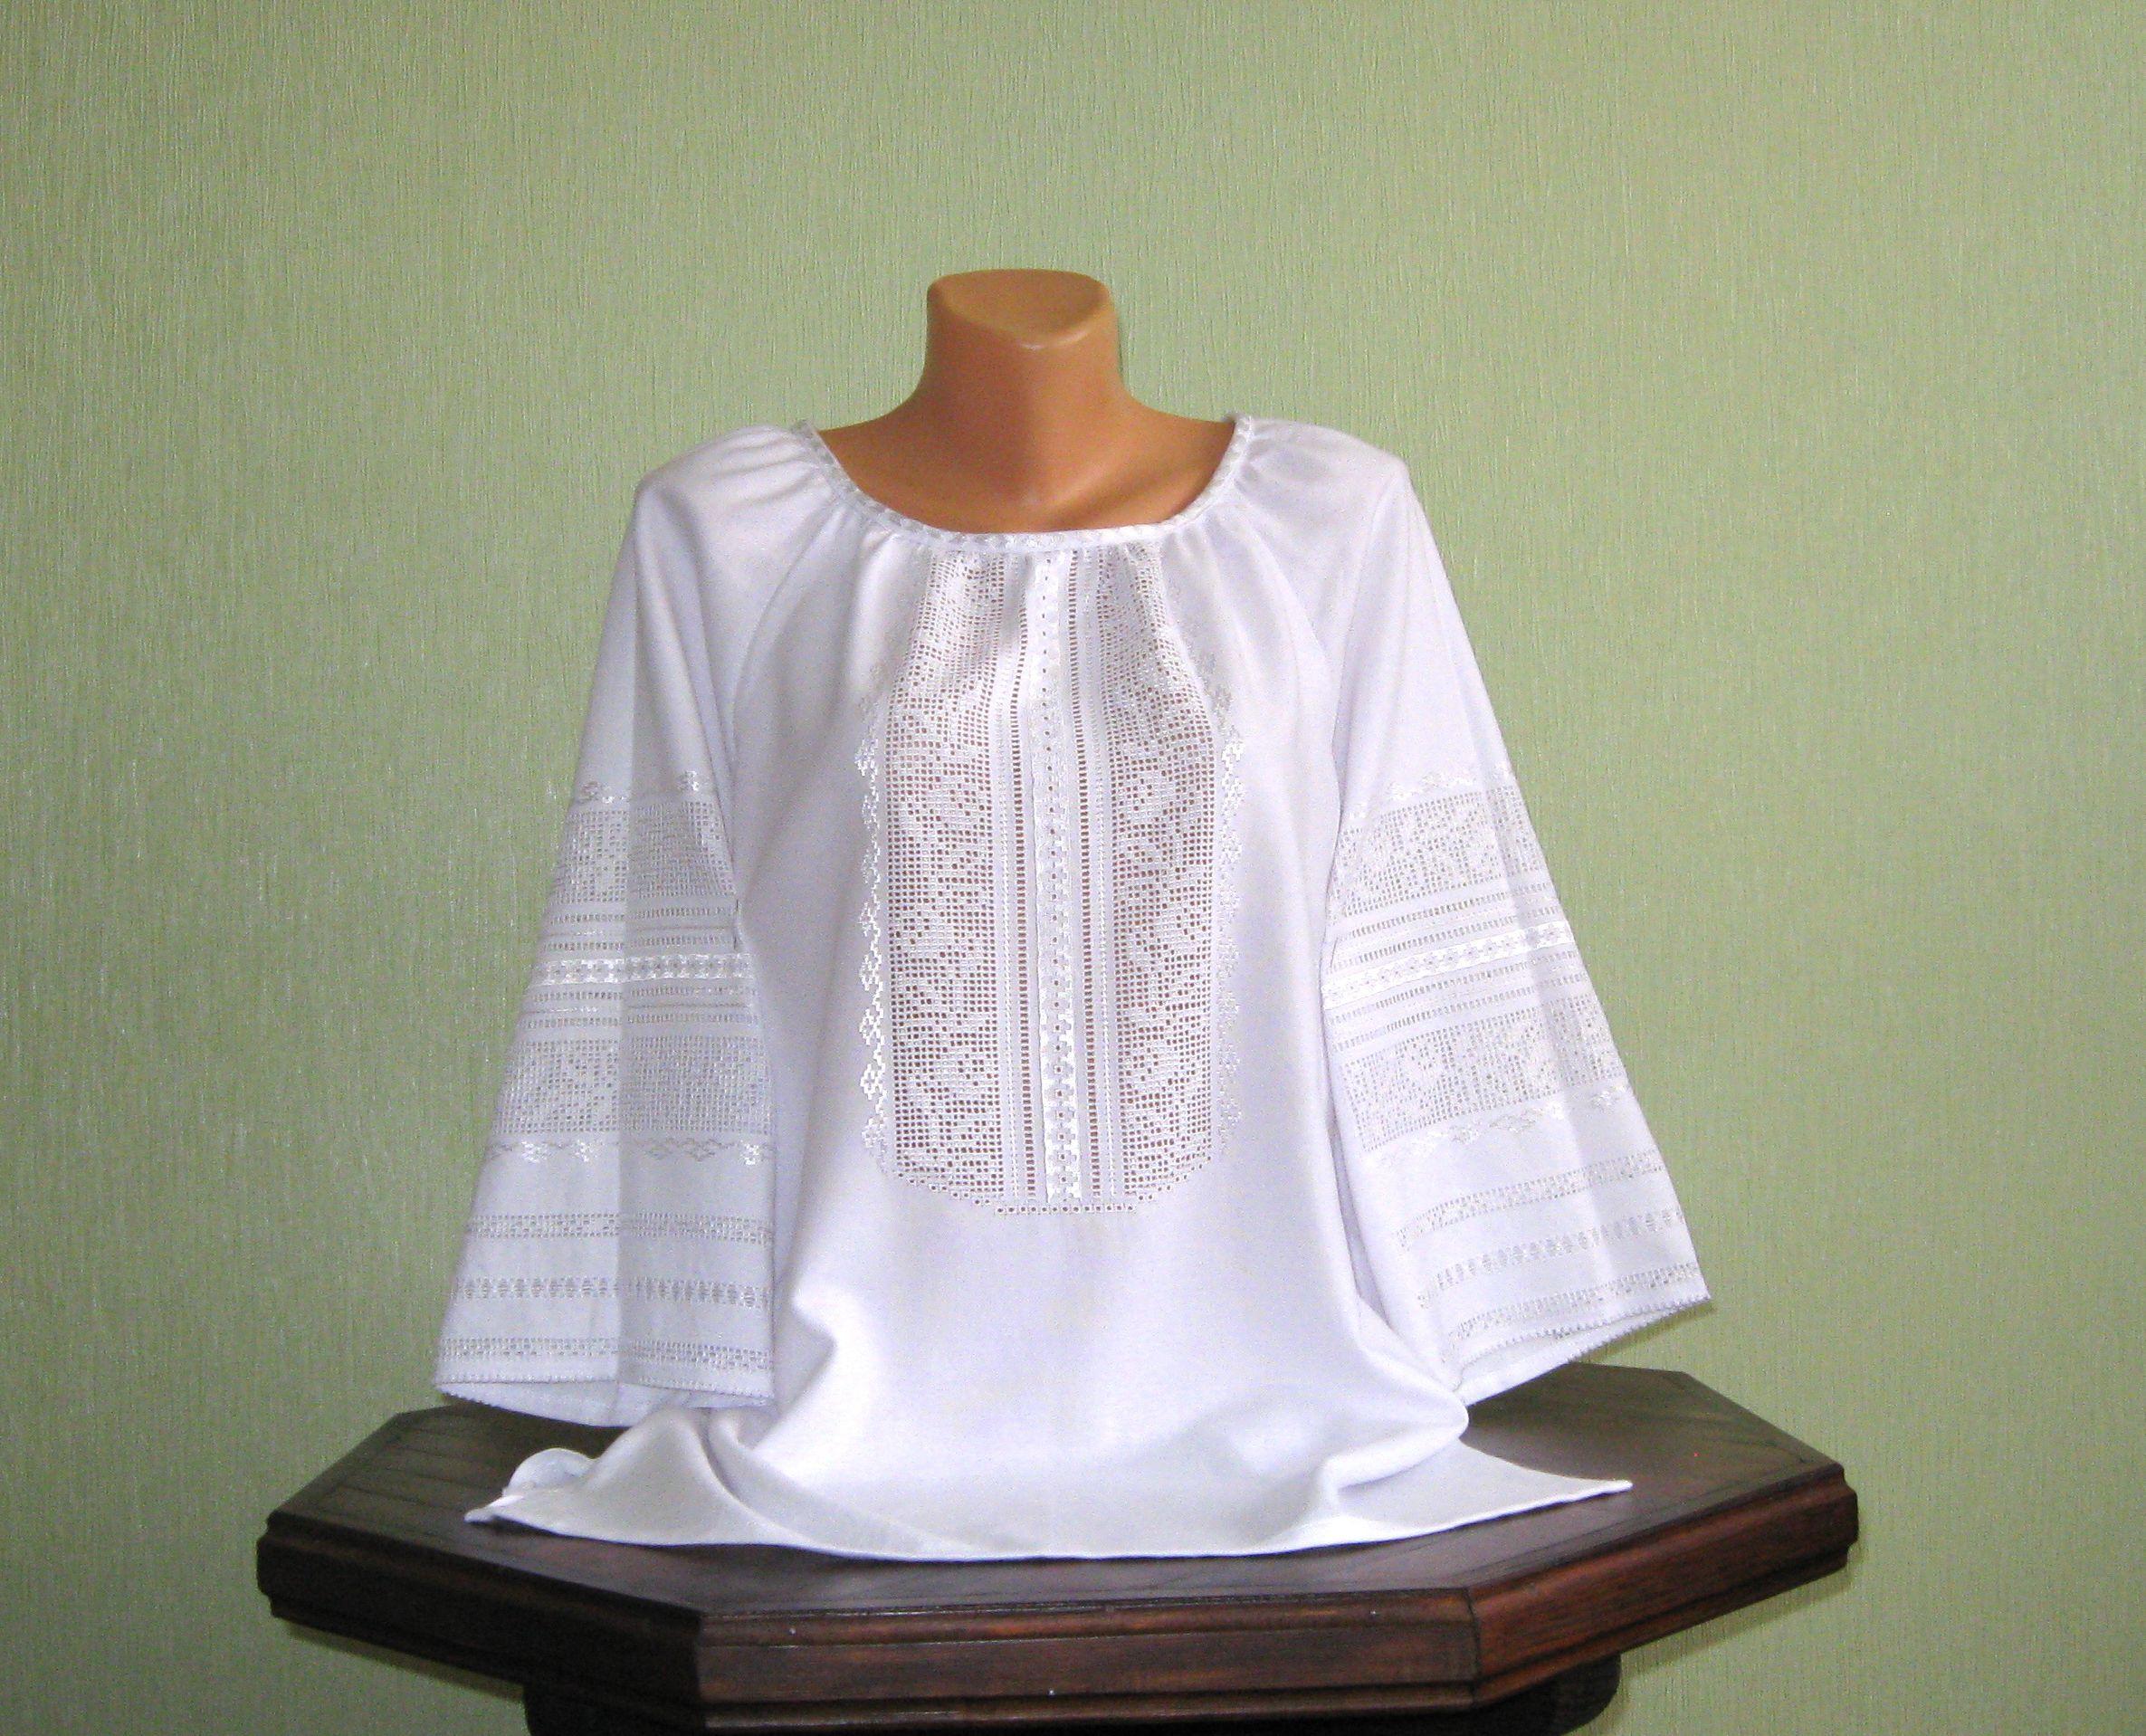 Женская вышиванка белым по белому - Фотогалерея - Вишиванки ручної ... 98c5c6aa47ee8